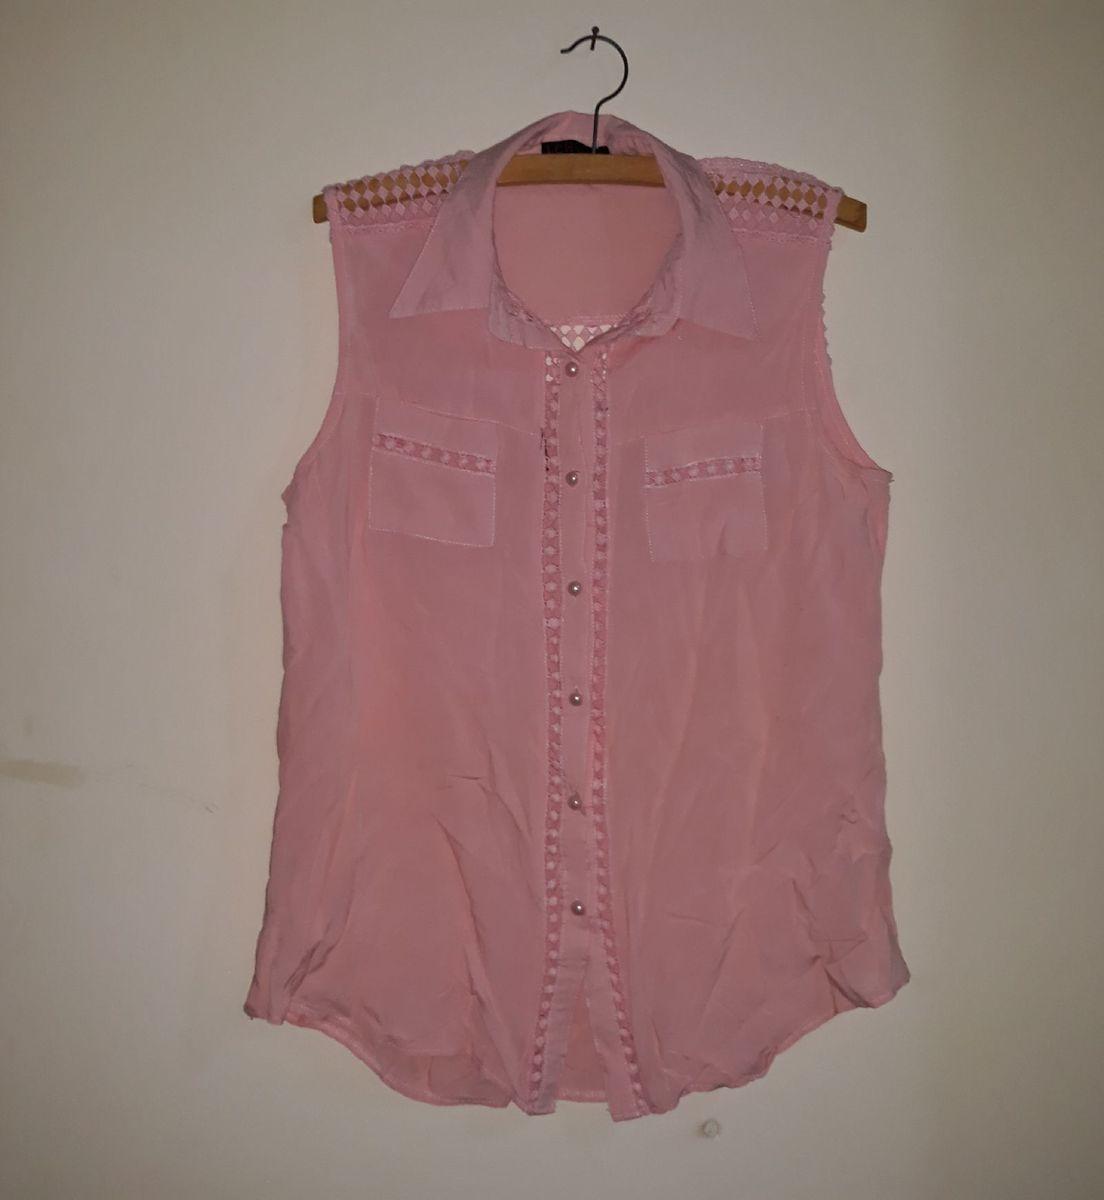 blusa de botões - blusas sem marca